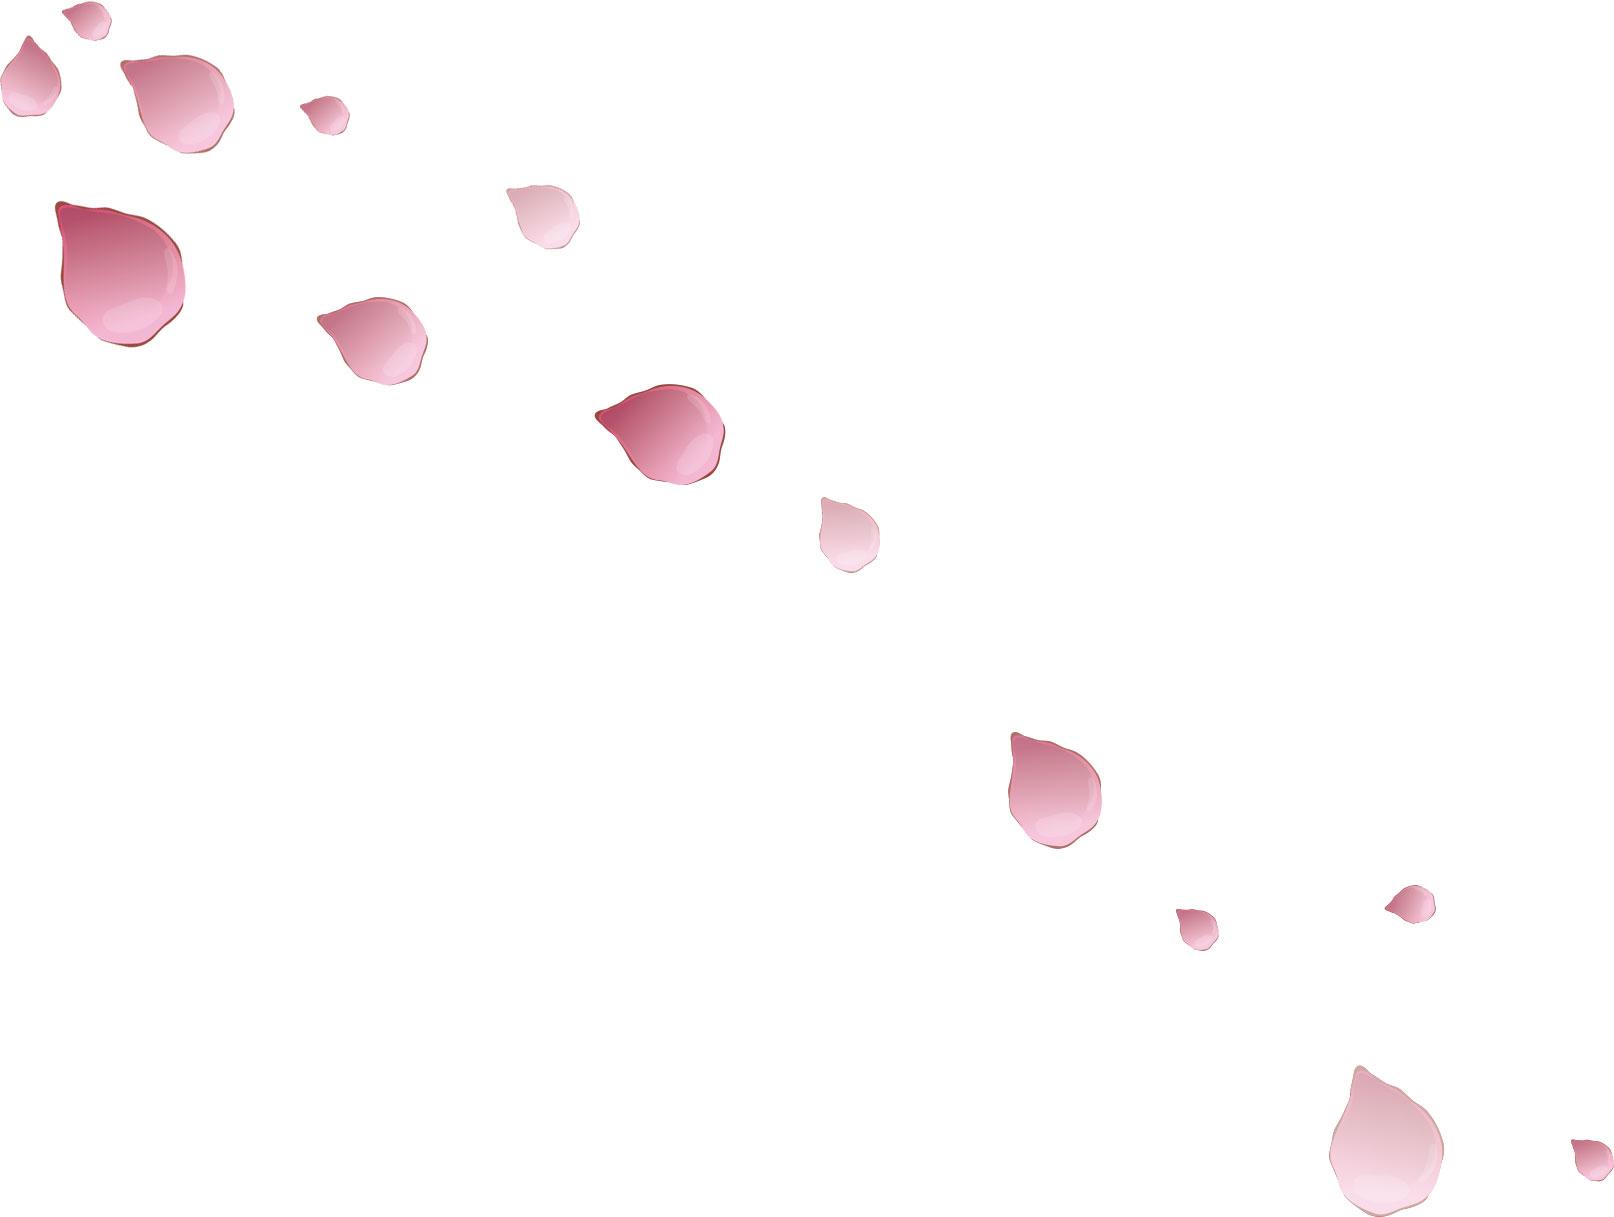 バラのイラスト画像no145舞い散るバラの花びら無料のフリー素材